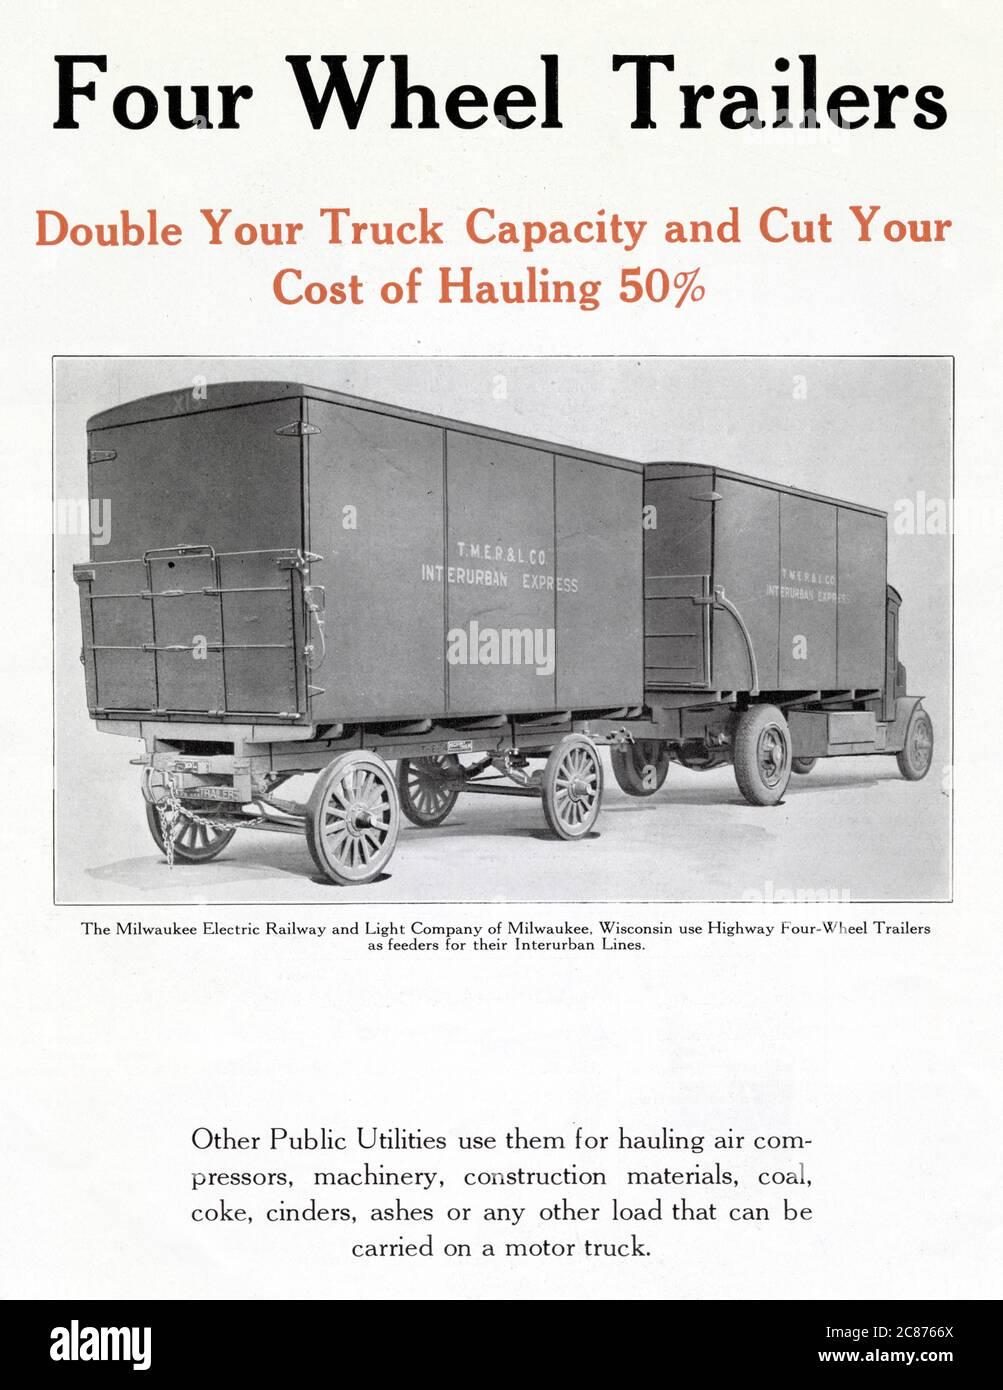 Les remorques à quatre roues doublent la capacité de votre camion et réduisent vos coûts de transport de 50 %. Montrant les remorques utilisées par la Milwaukee Electric Railway and Light Company de Milwaukee, Wisconsin, comme alimentateurs pour leurs lignes InterUrban Express. Date : début des années 1920 Banque D'Images